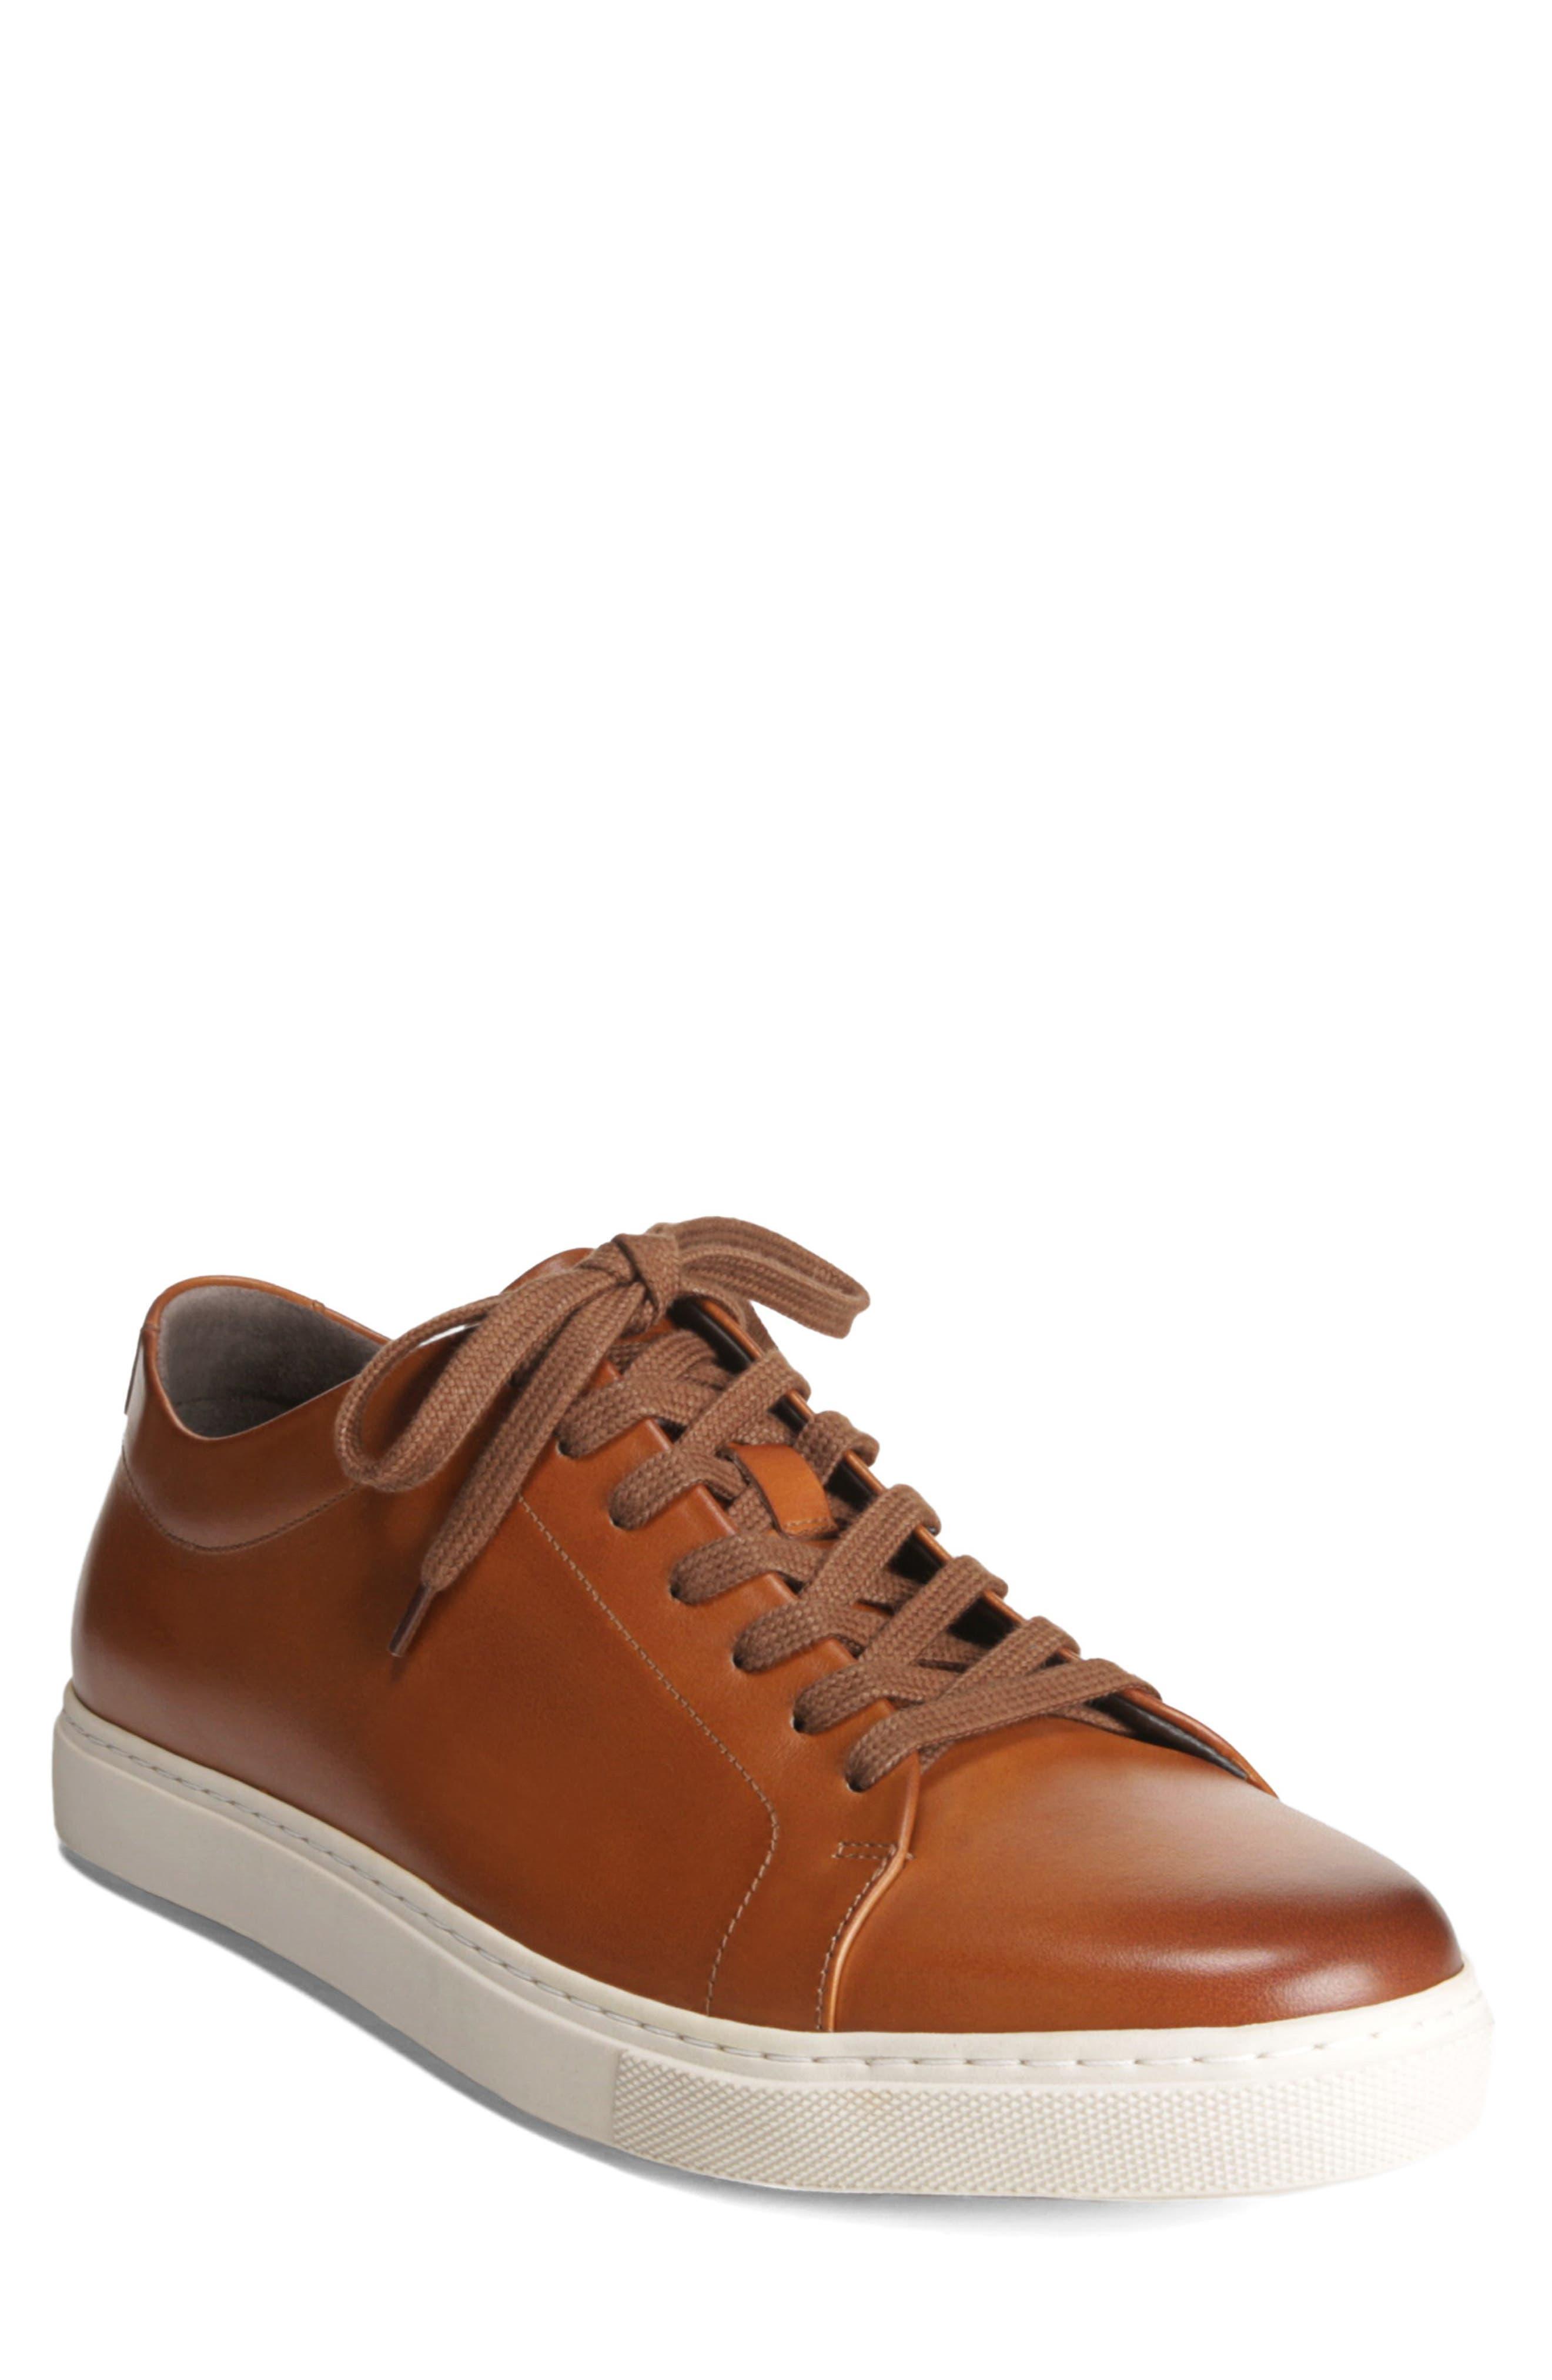 ALLEN EDMONDS Canal Court Sneaker, Main, color, 212